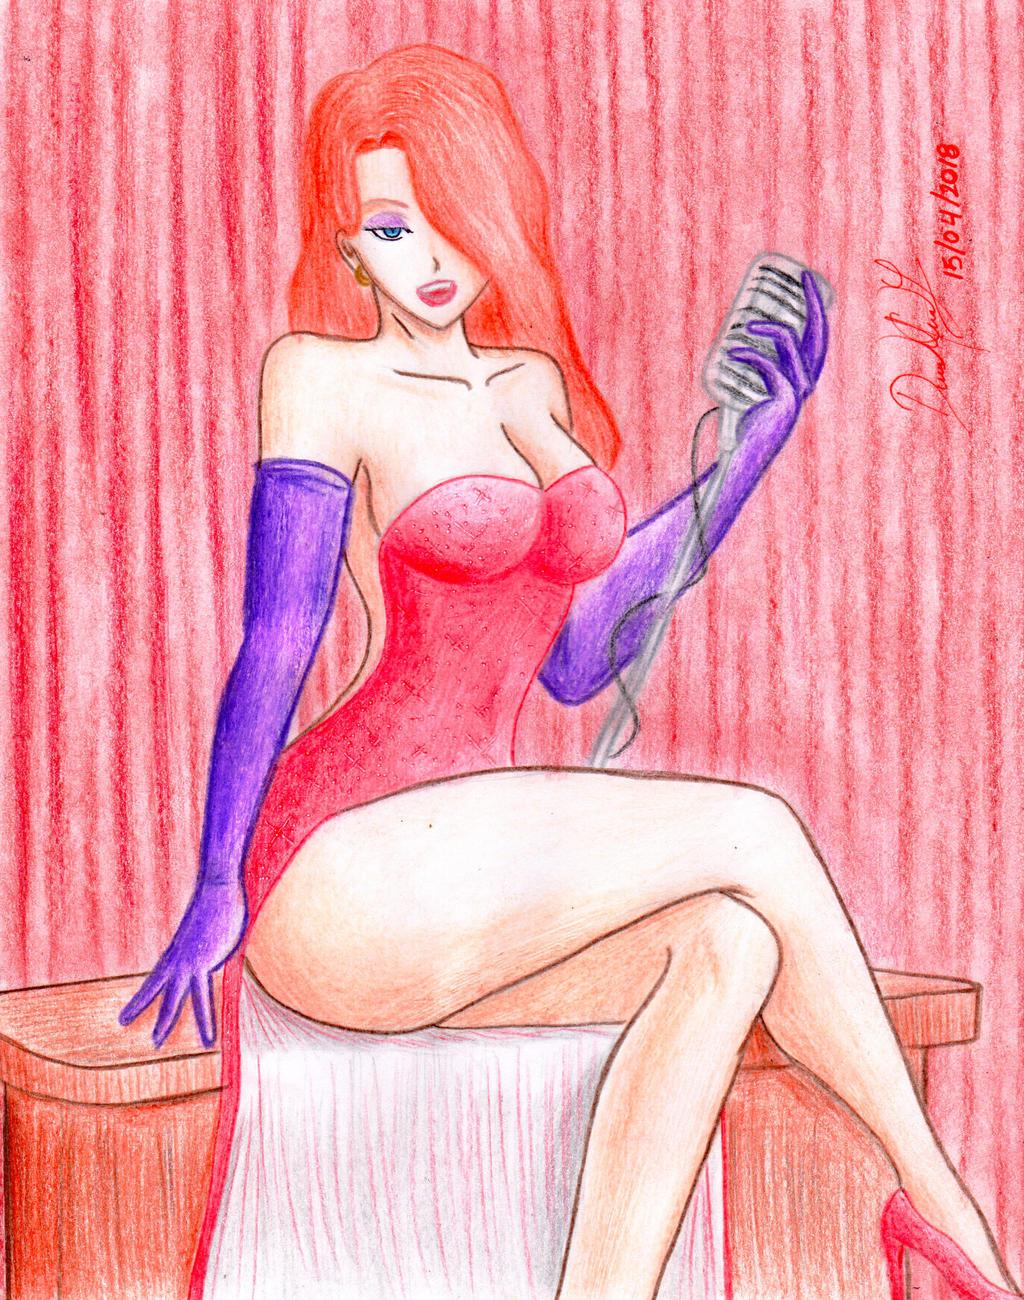 Jessica Rabbit by danielcamilo